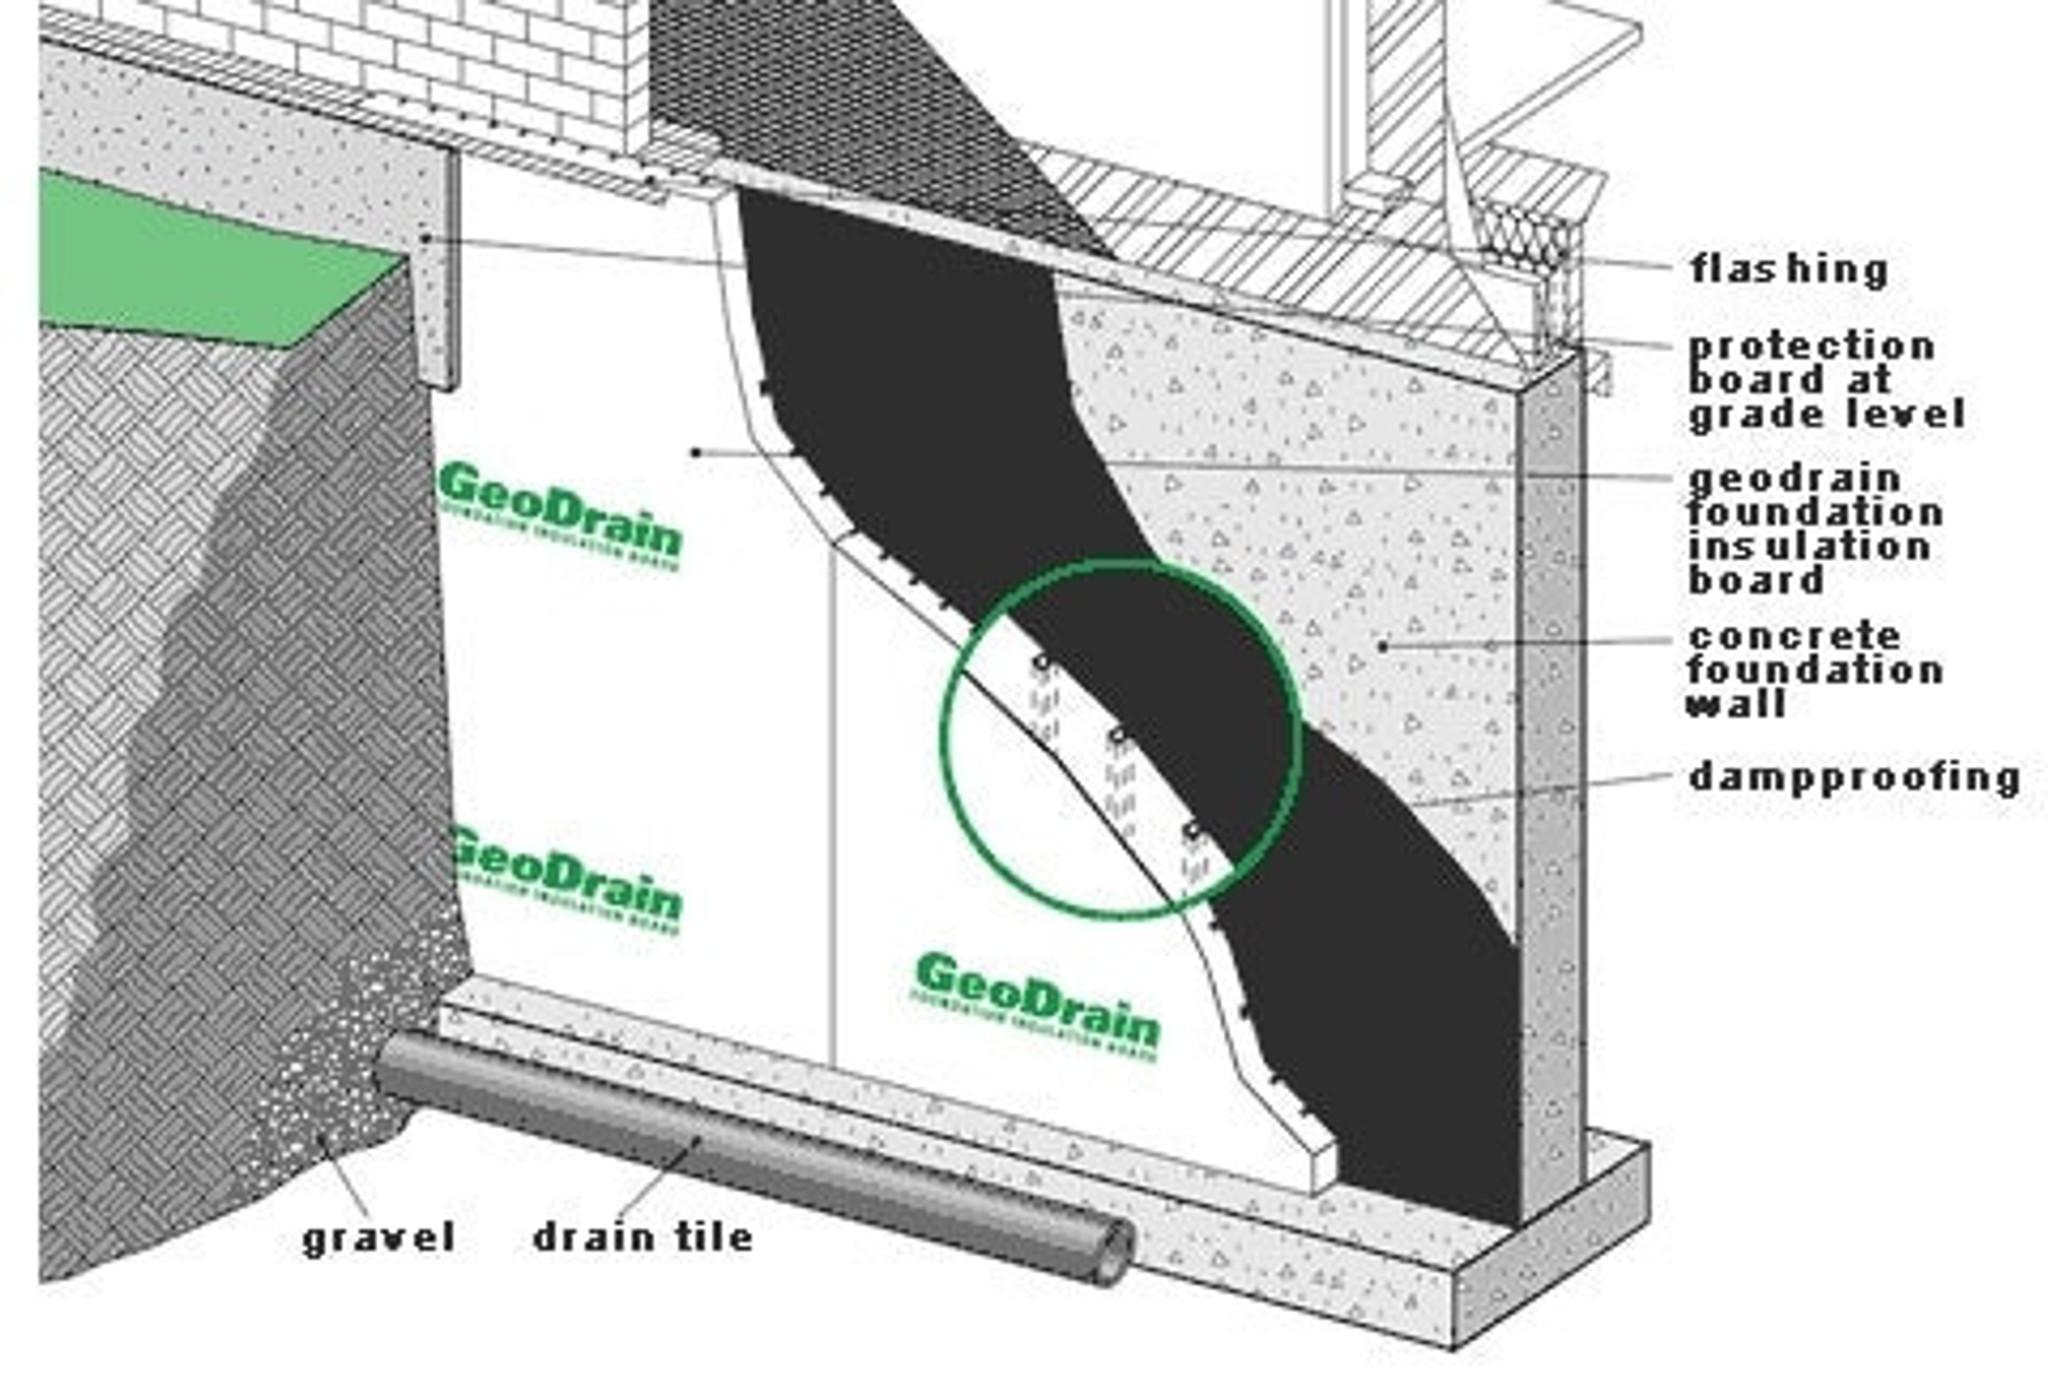 Geodrain Drainage Board Unicon Concrete Specialties